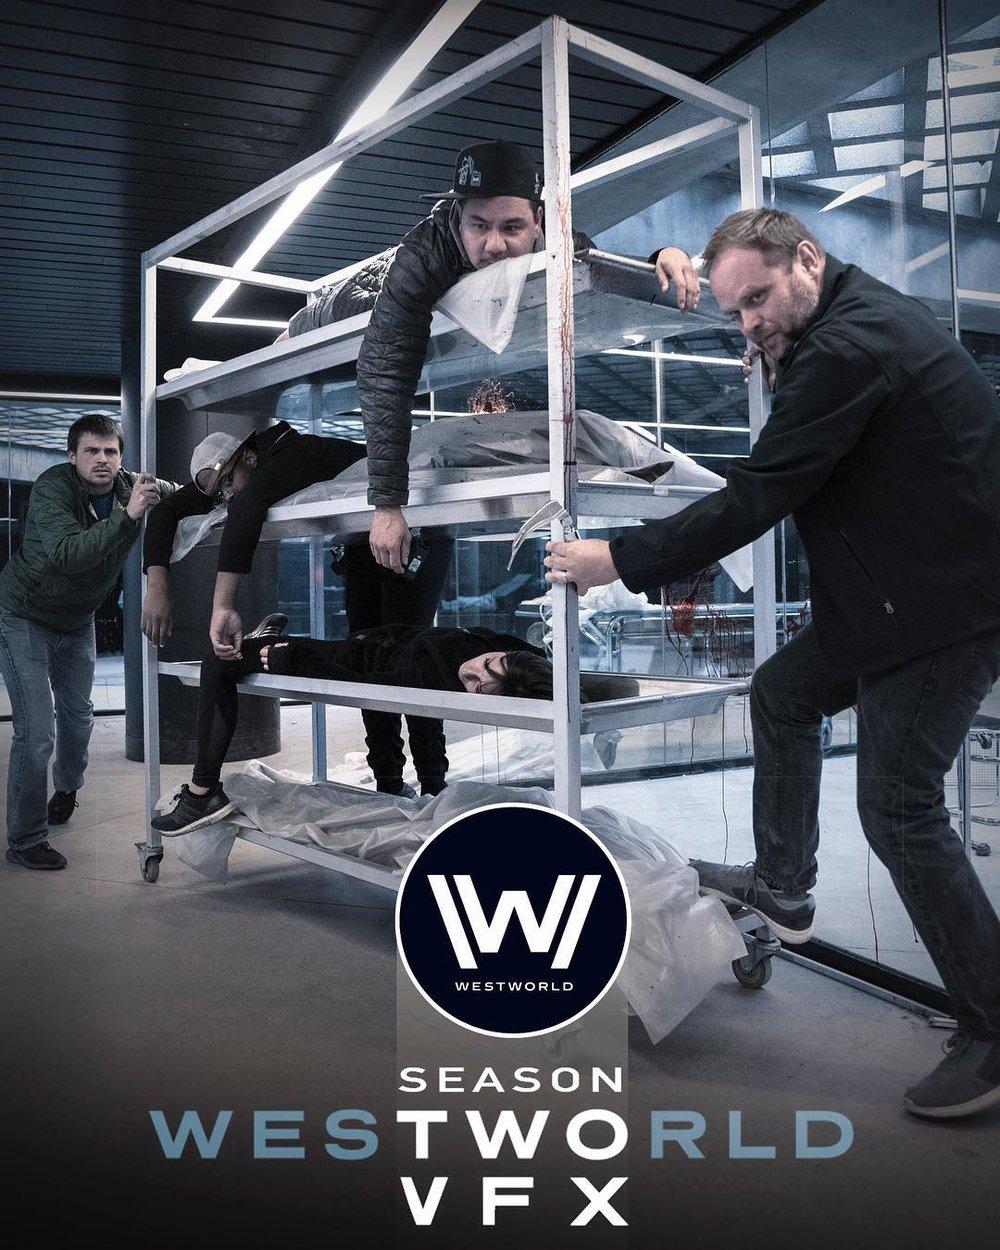 Westworld Sesason 2 on-set VFX crew photo